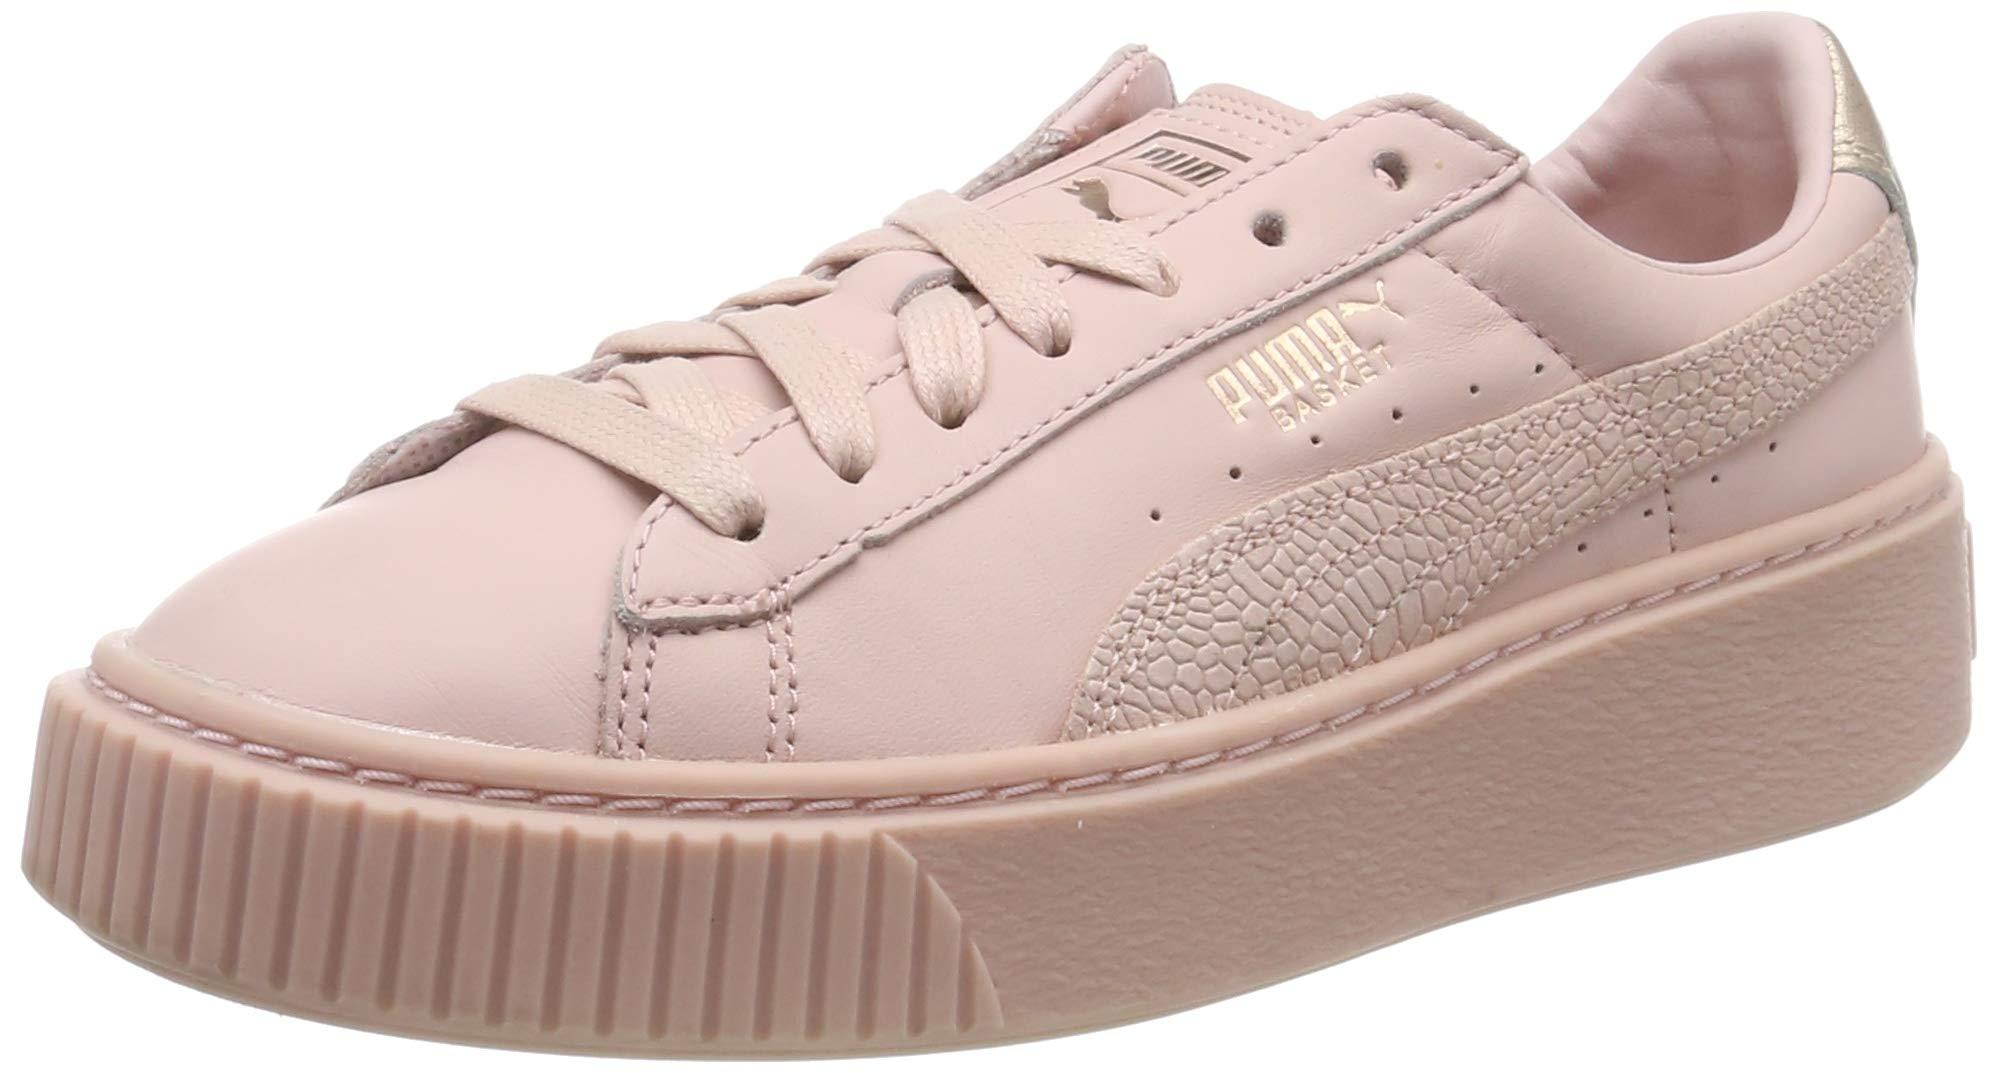 Gold38 Basket Basses Puma Eu 5 RgSneakers Rosa Platformphoria FemmeRose rosé tBorCshQdx